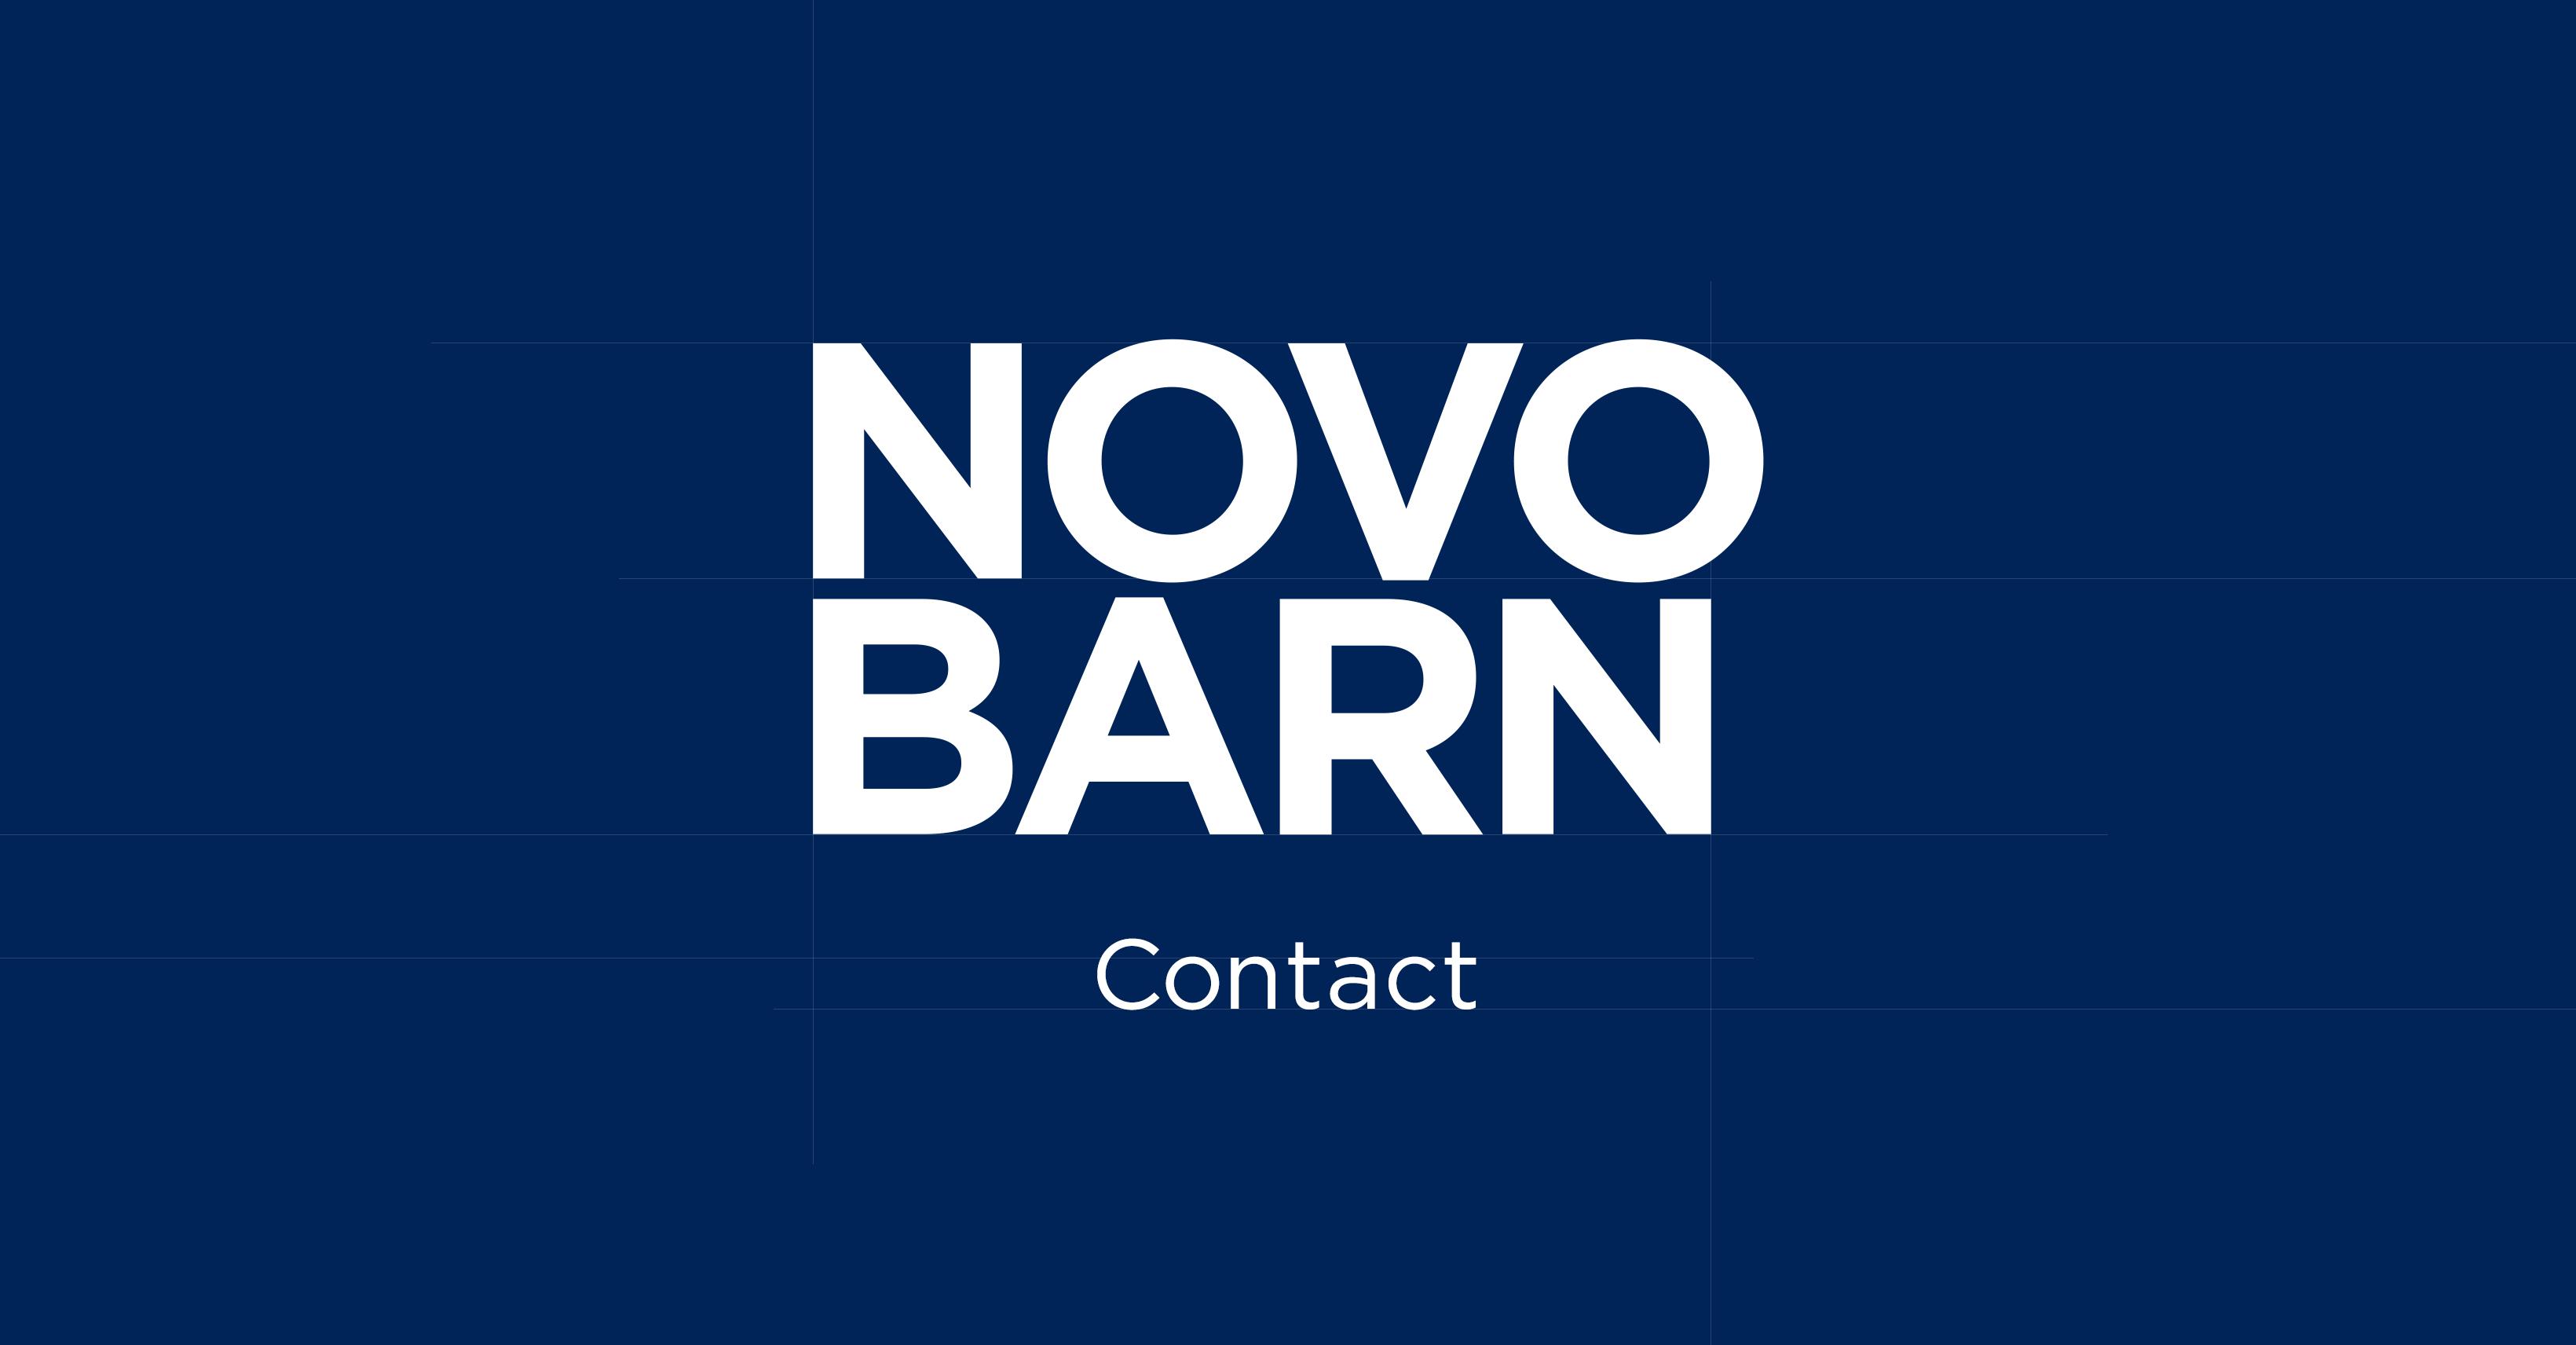 Novobarn contact info